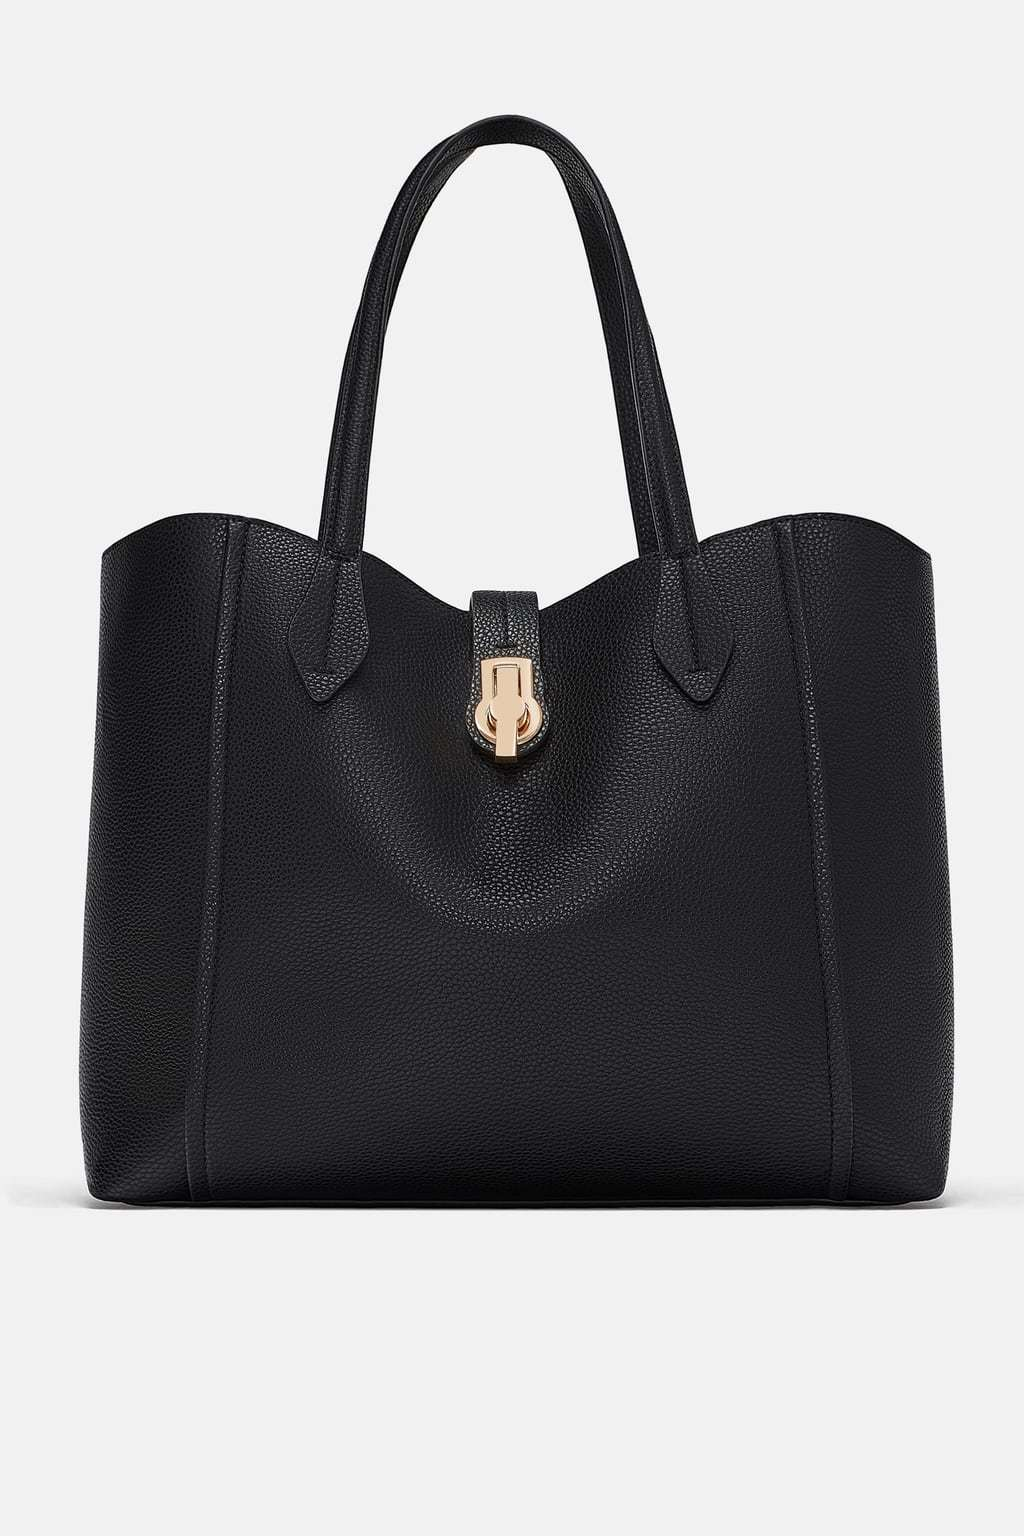 Bolso negro, de Zara (25,95 euros).